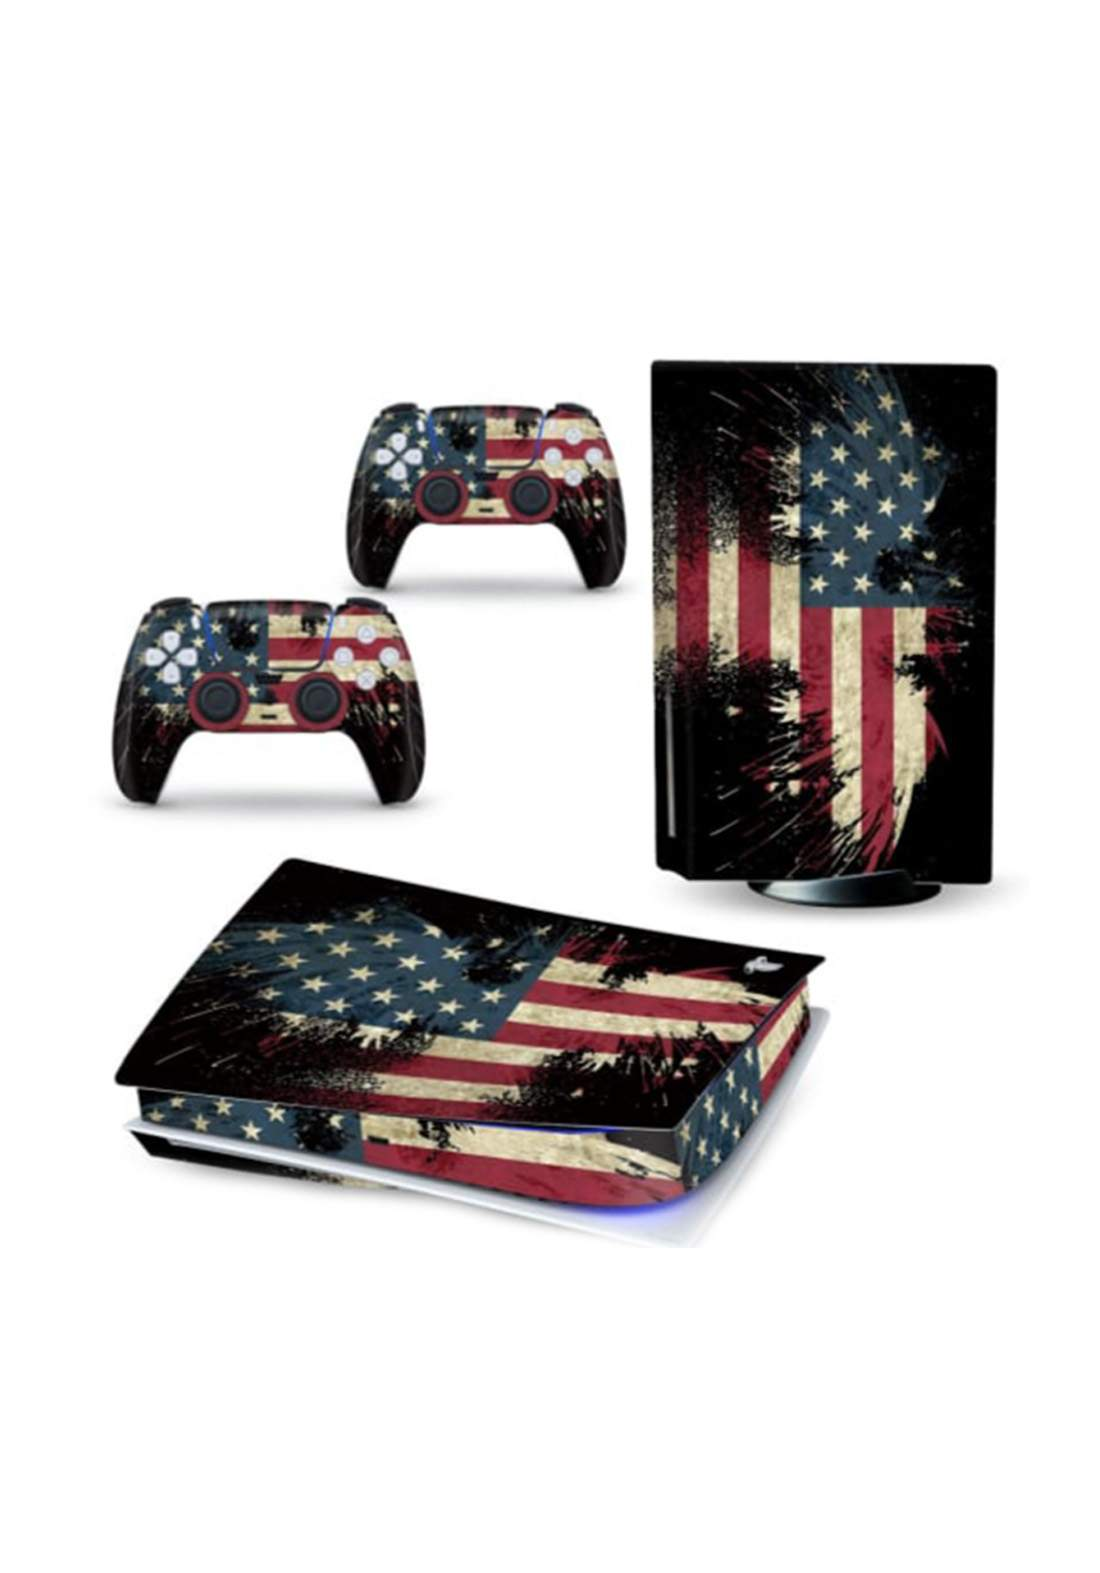 Sticker Skin Sticker Non-Slip For PS5 Console ستيكر